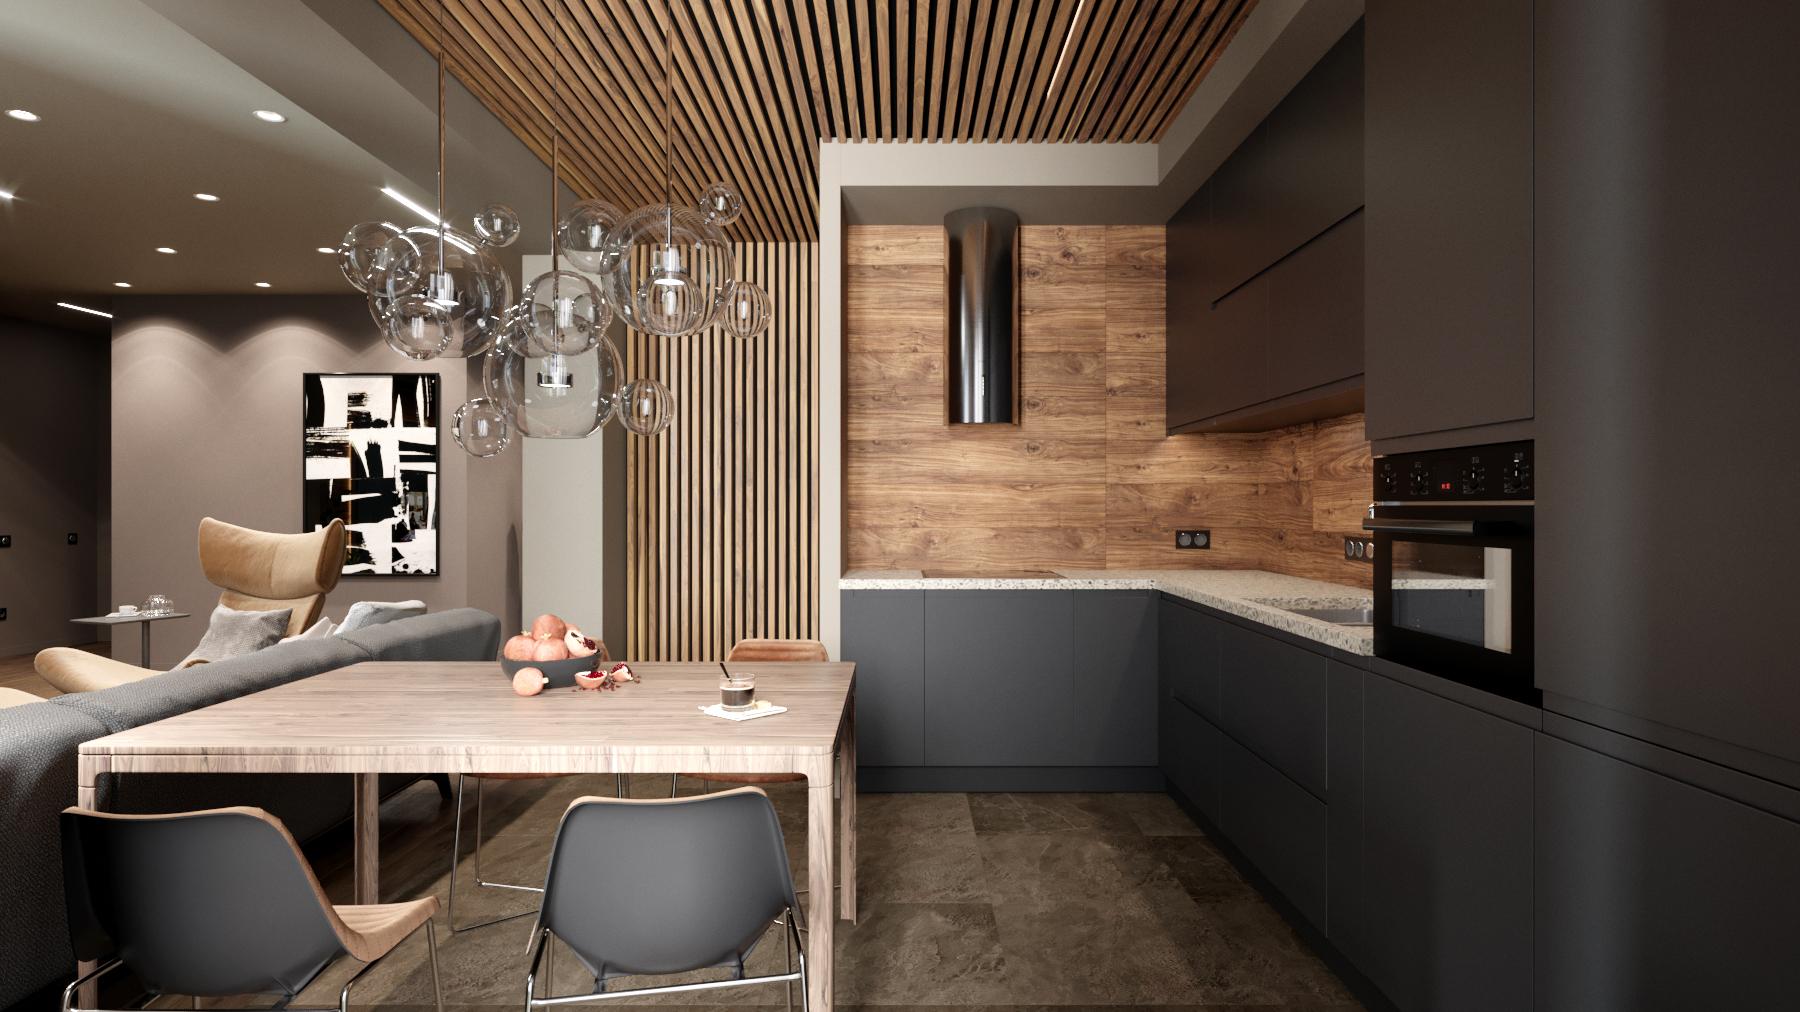 кухня в сером цвете дизайн-проект